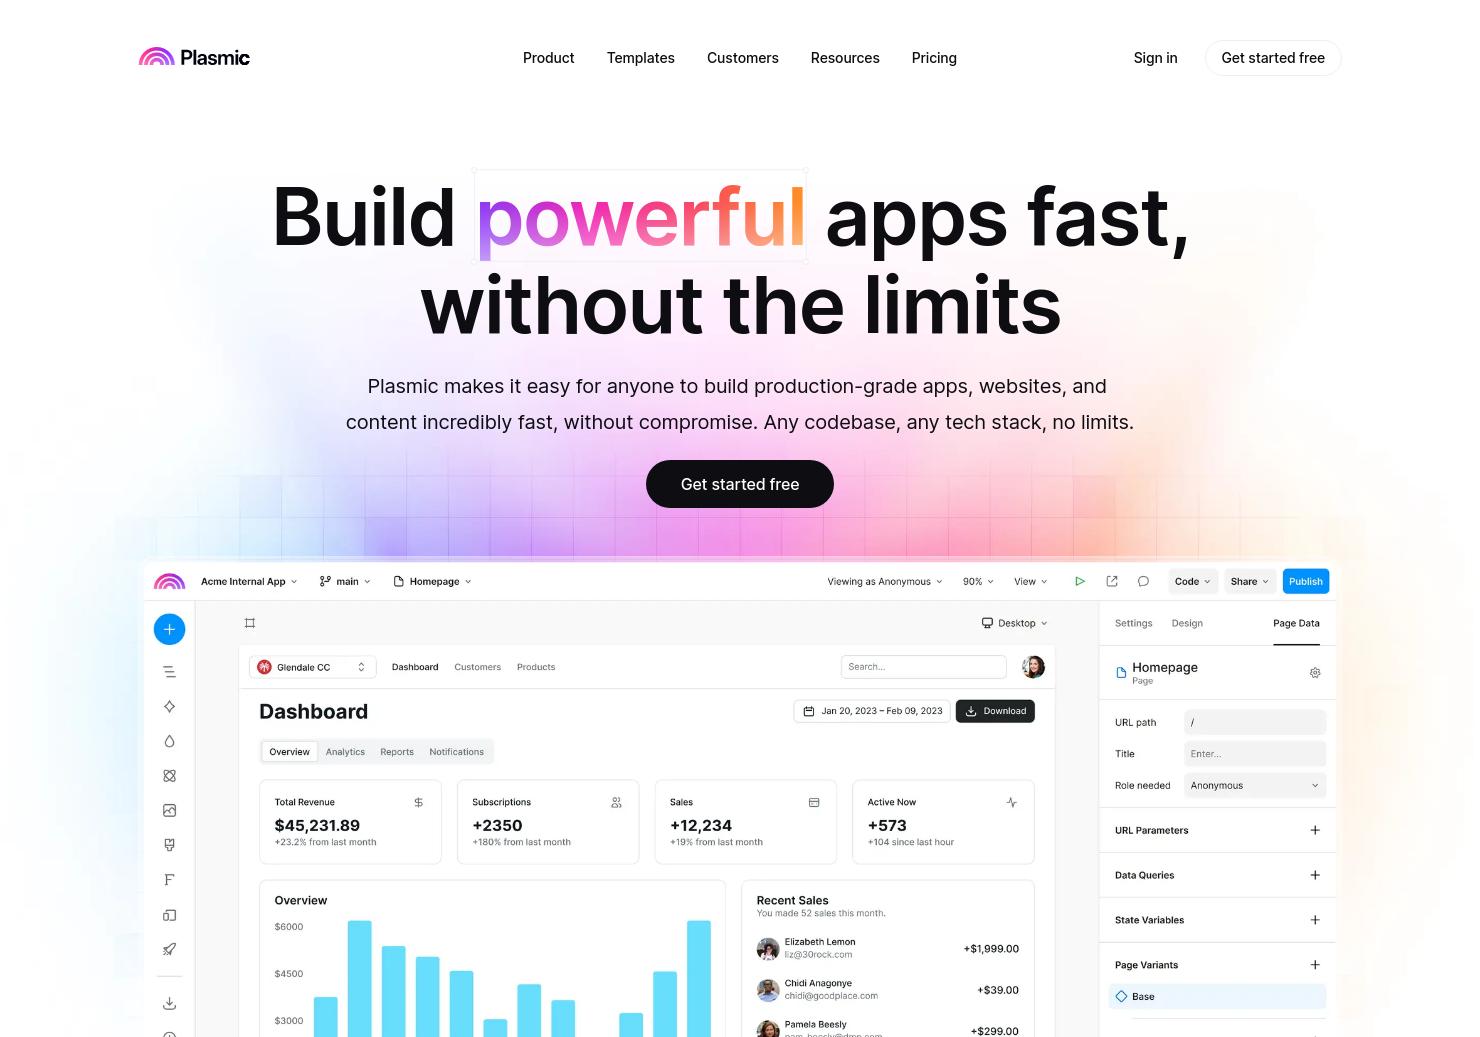 ?max width=300&url=https%3a%2f%2fwww.plasmic